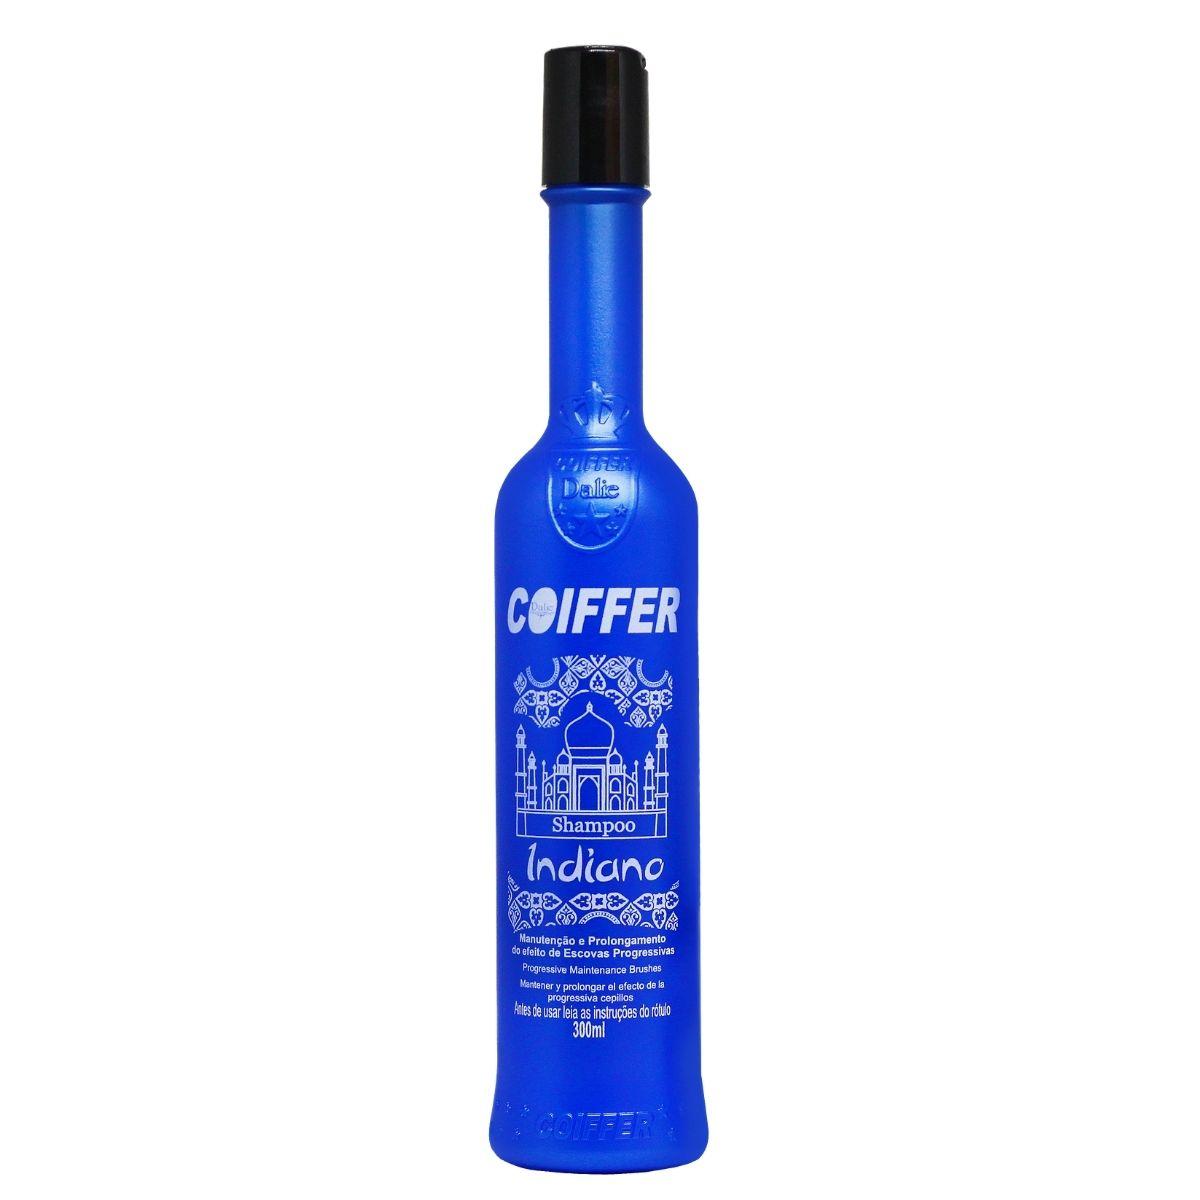 Shampoo para Cabelos Indiano Coiffer 300ml